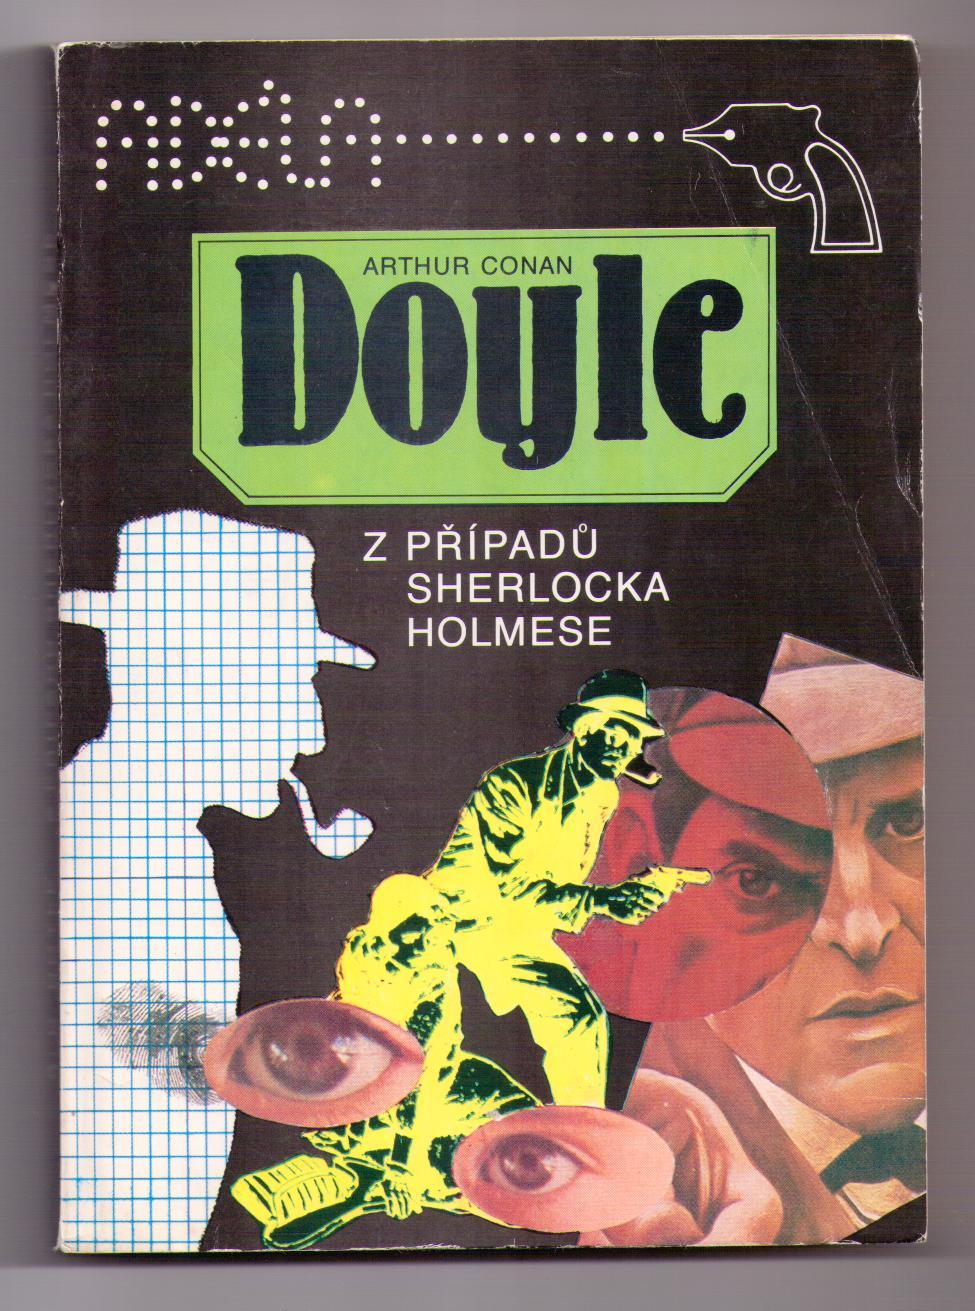 Z případů Sherlocka Holmese - Arthur Conan Doyle